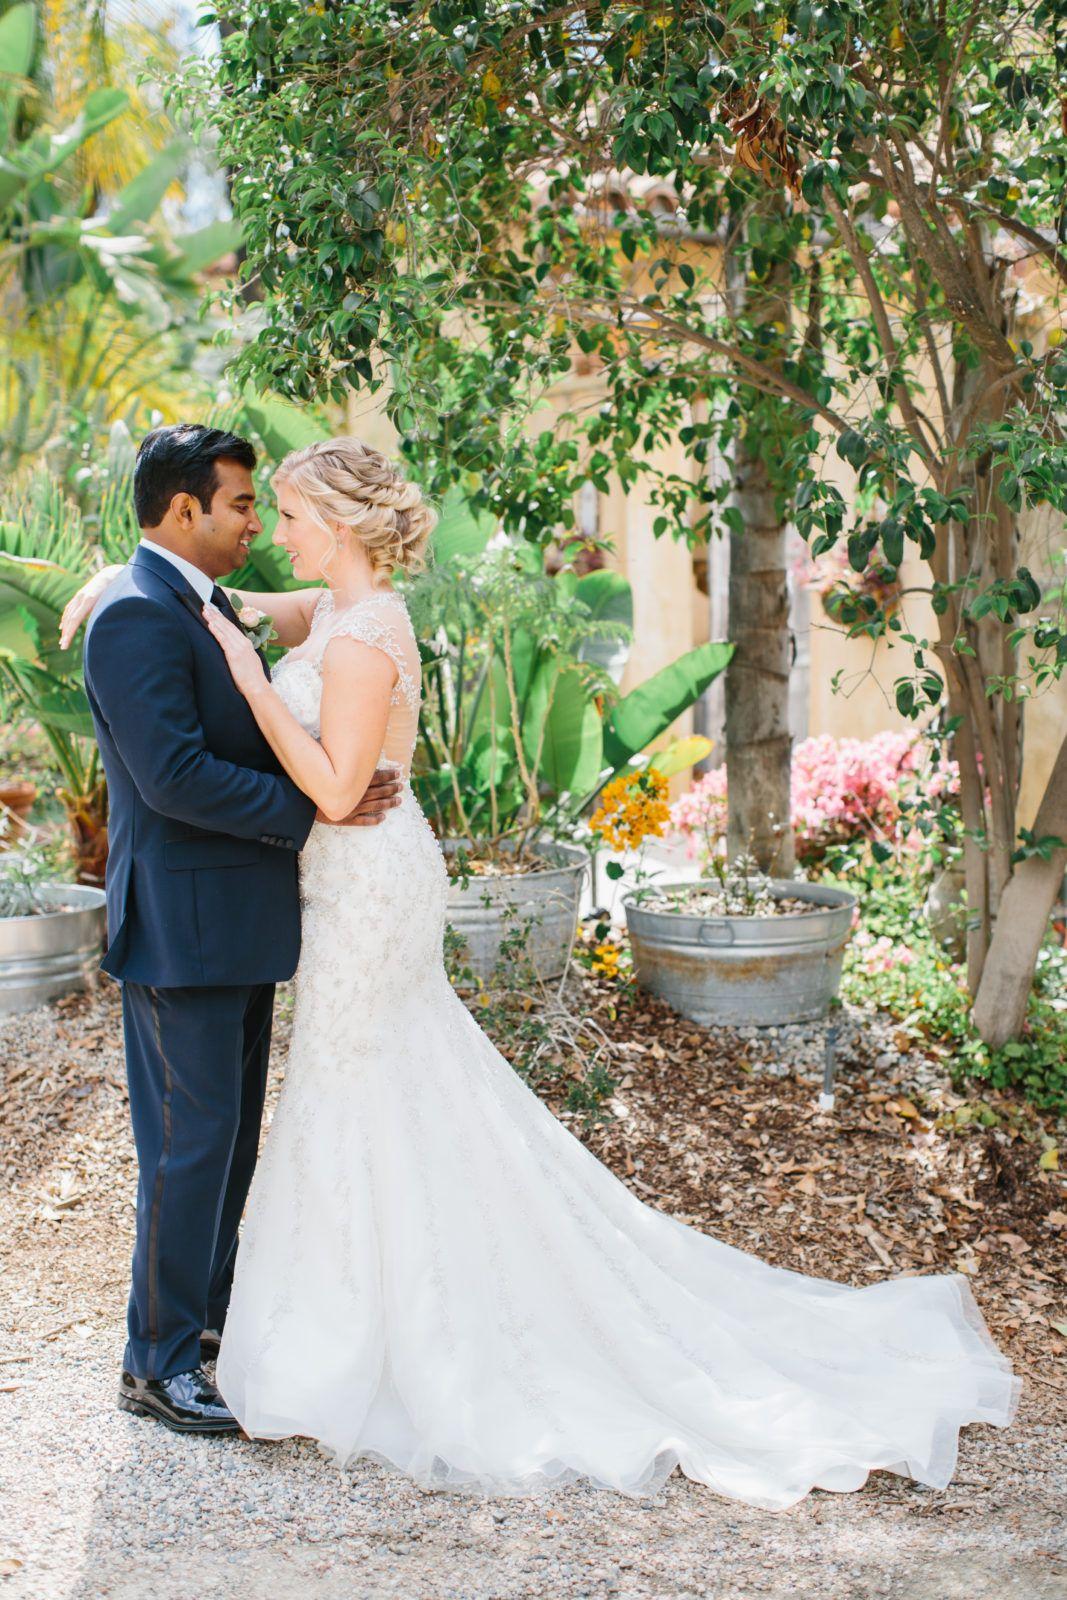 Travel Themed Wedding At Mountain Mermaid Bride And Groom Portraits: Mountain Themed Wedding Dress At Websimilar.org